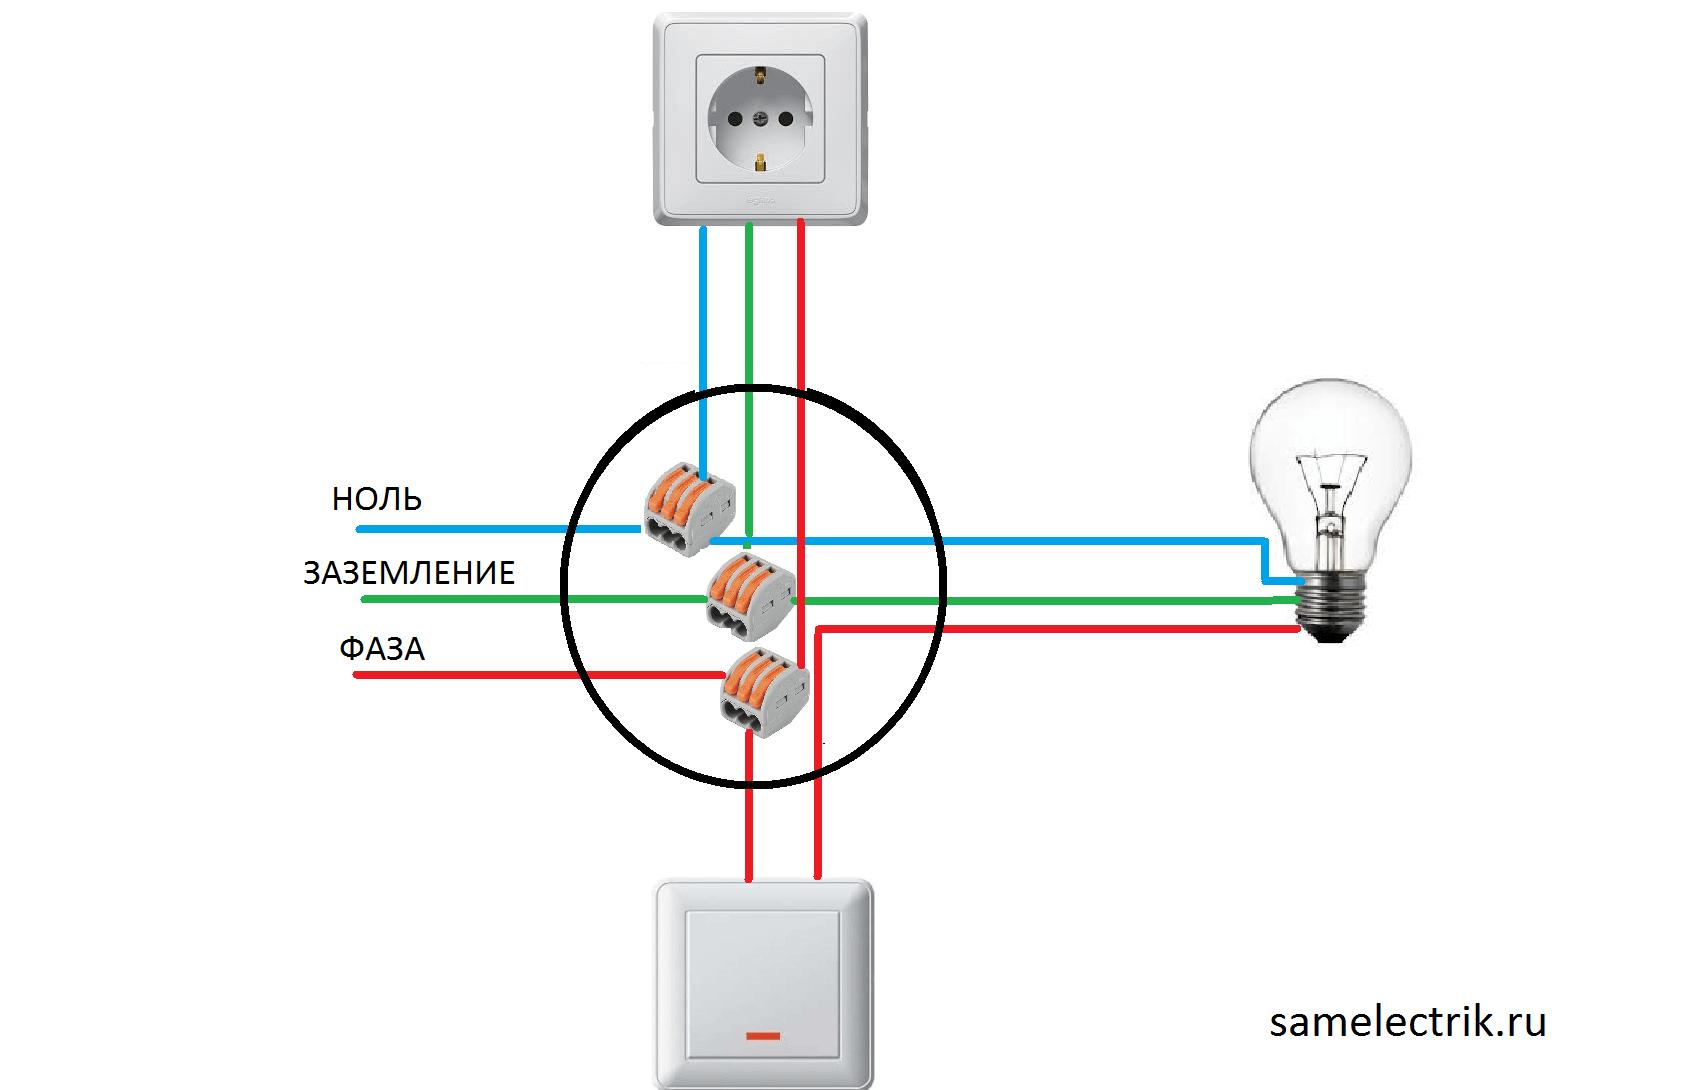 Рассмотрим как подключить выключатель от розетки.